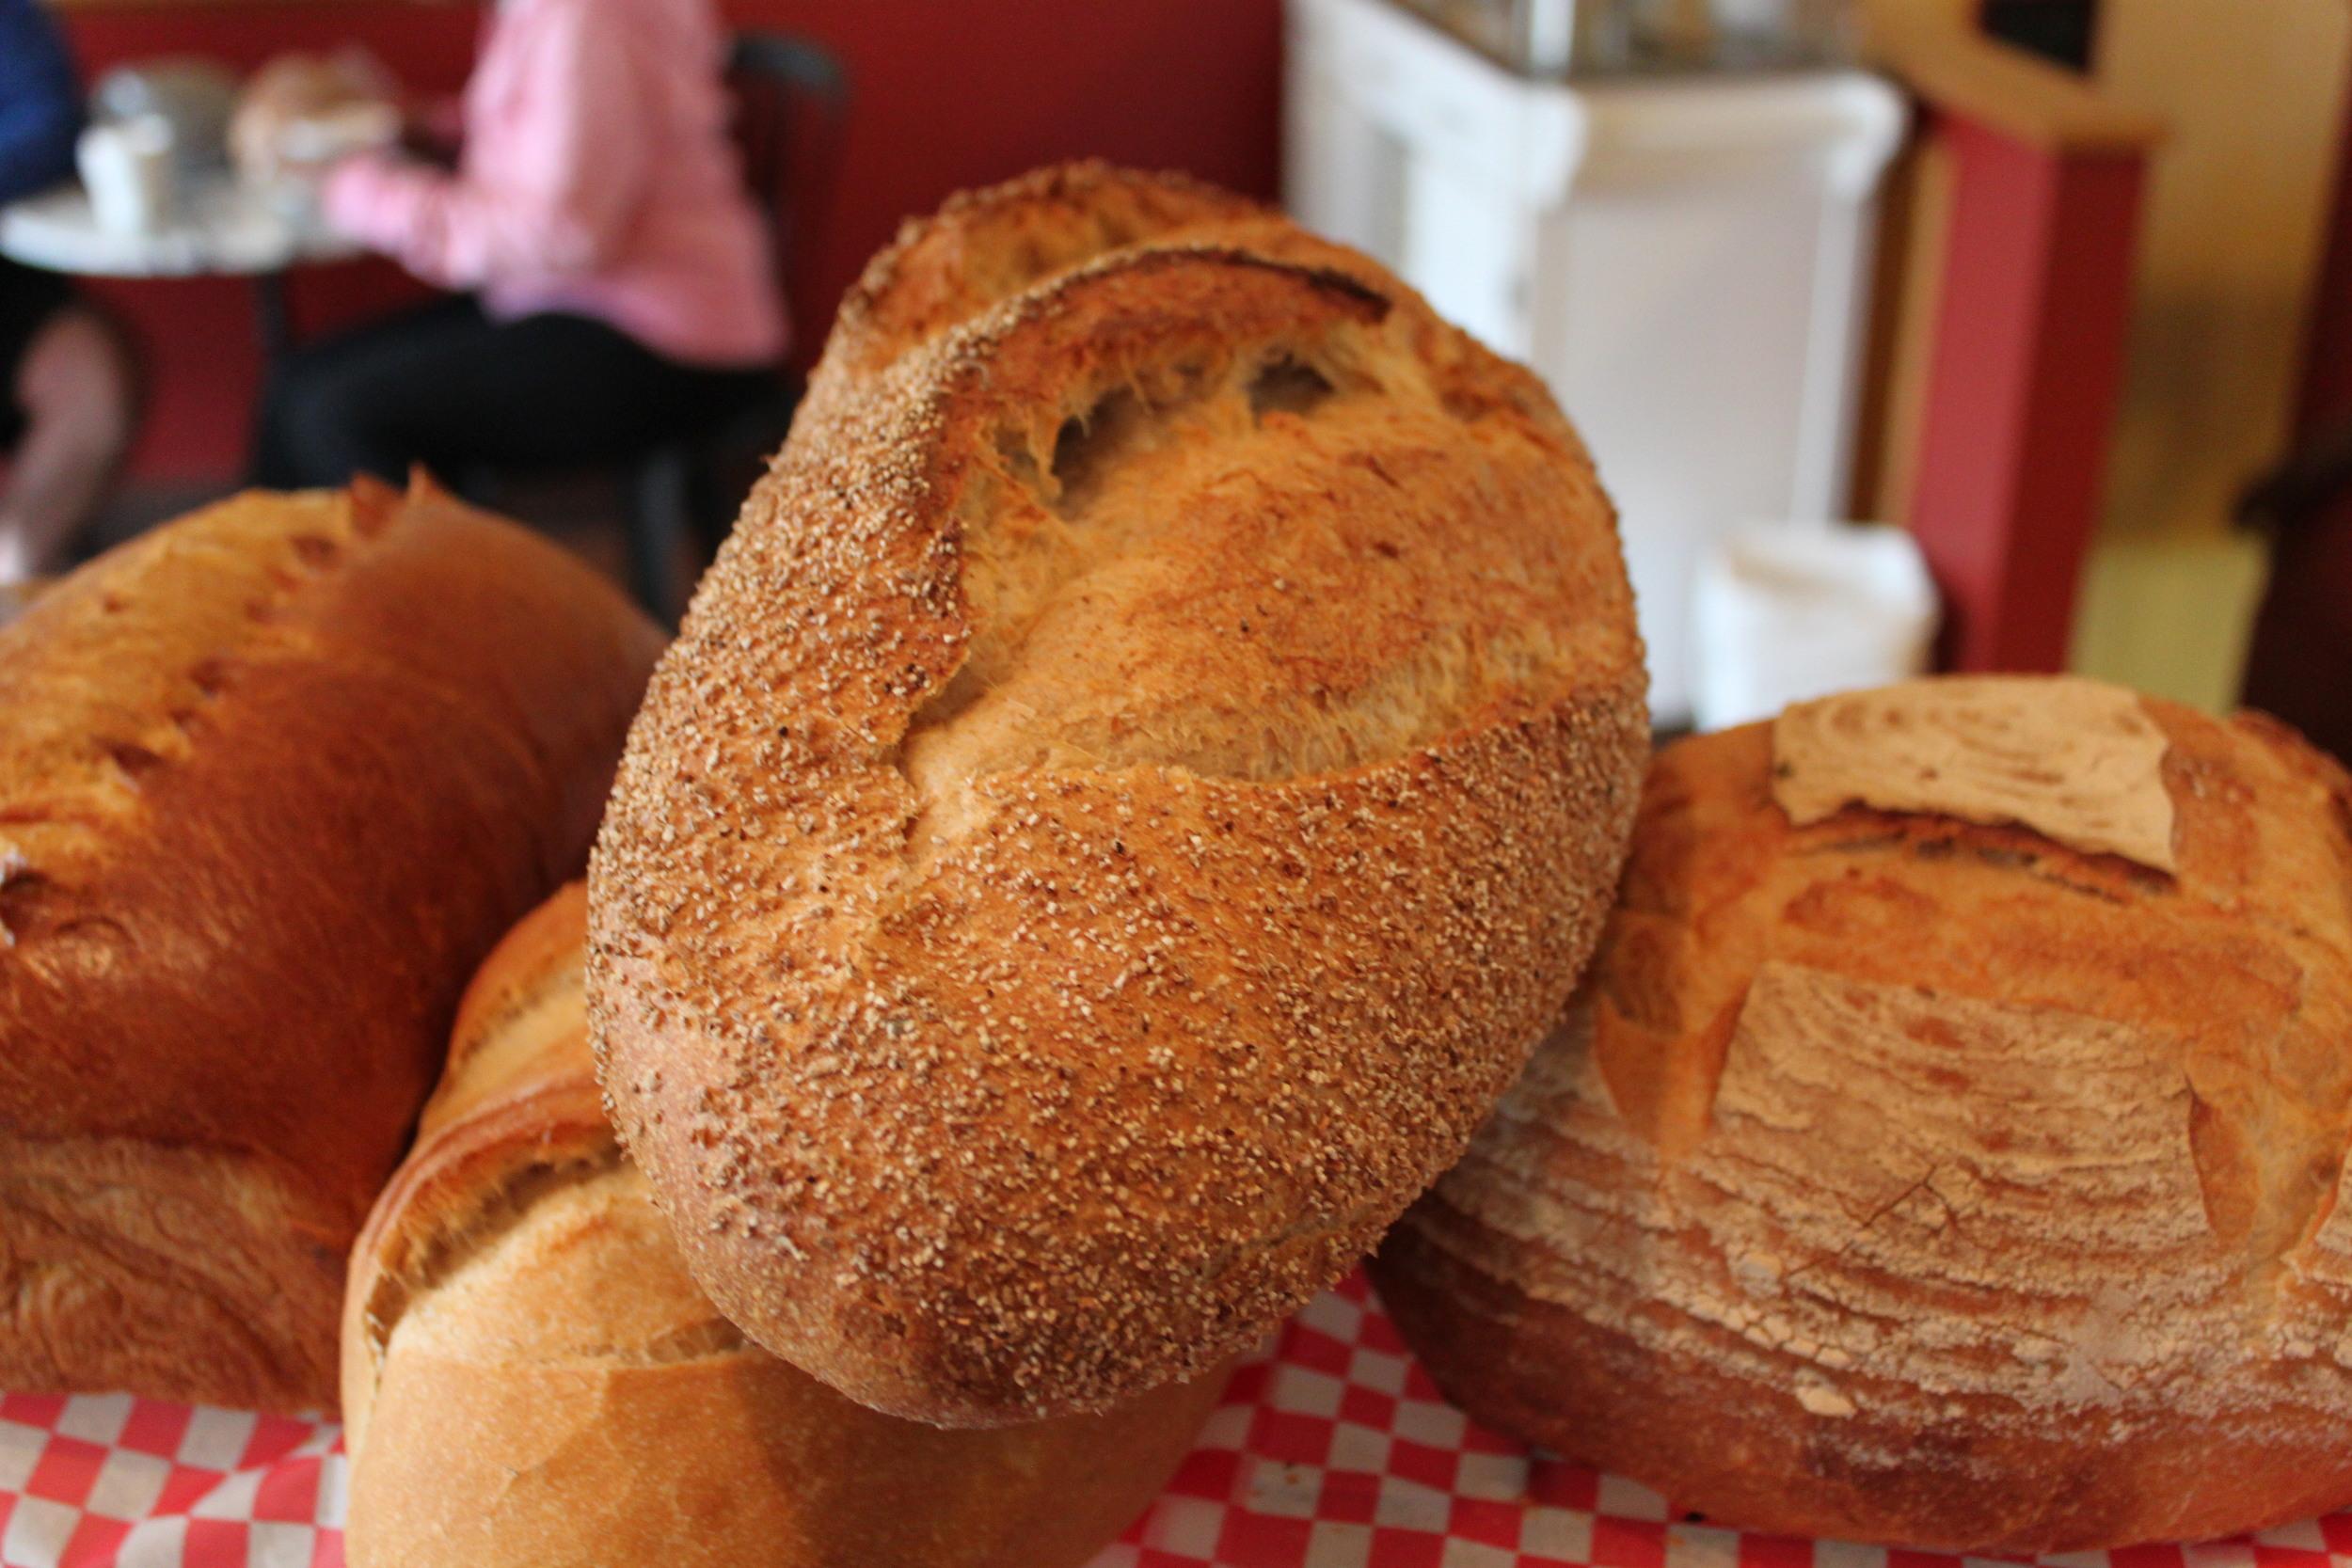 Levain, Small: Unbleached white flour, whole-wheat flour, water, natural sourdough, sea salt.